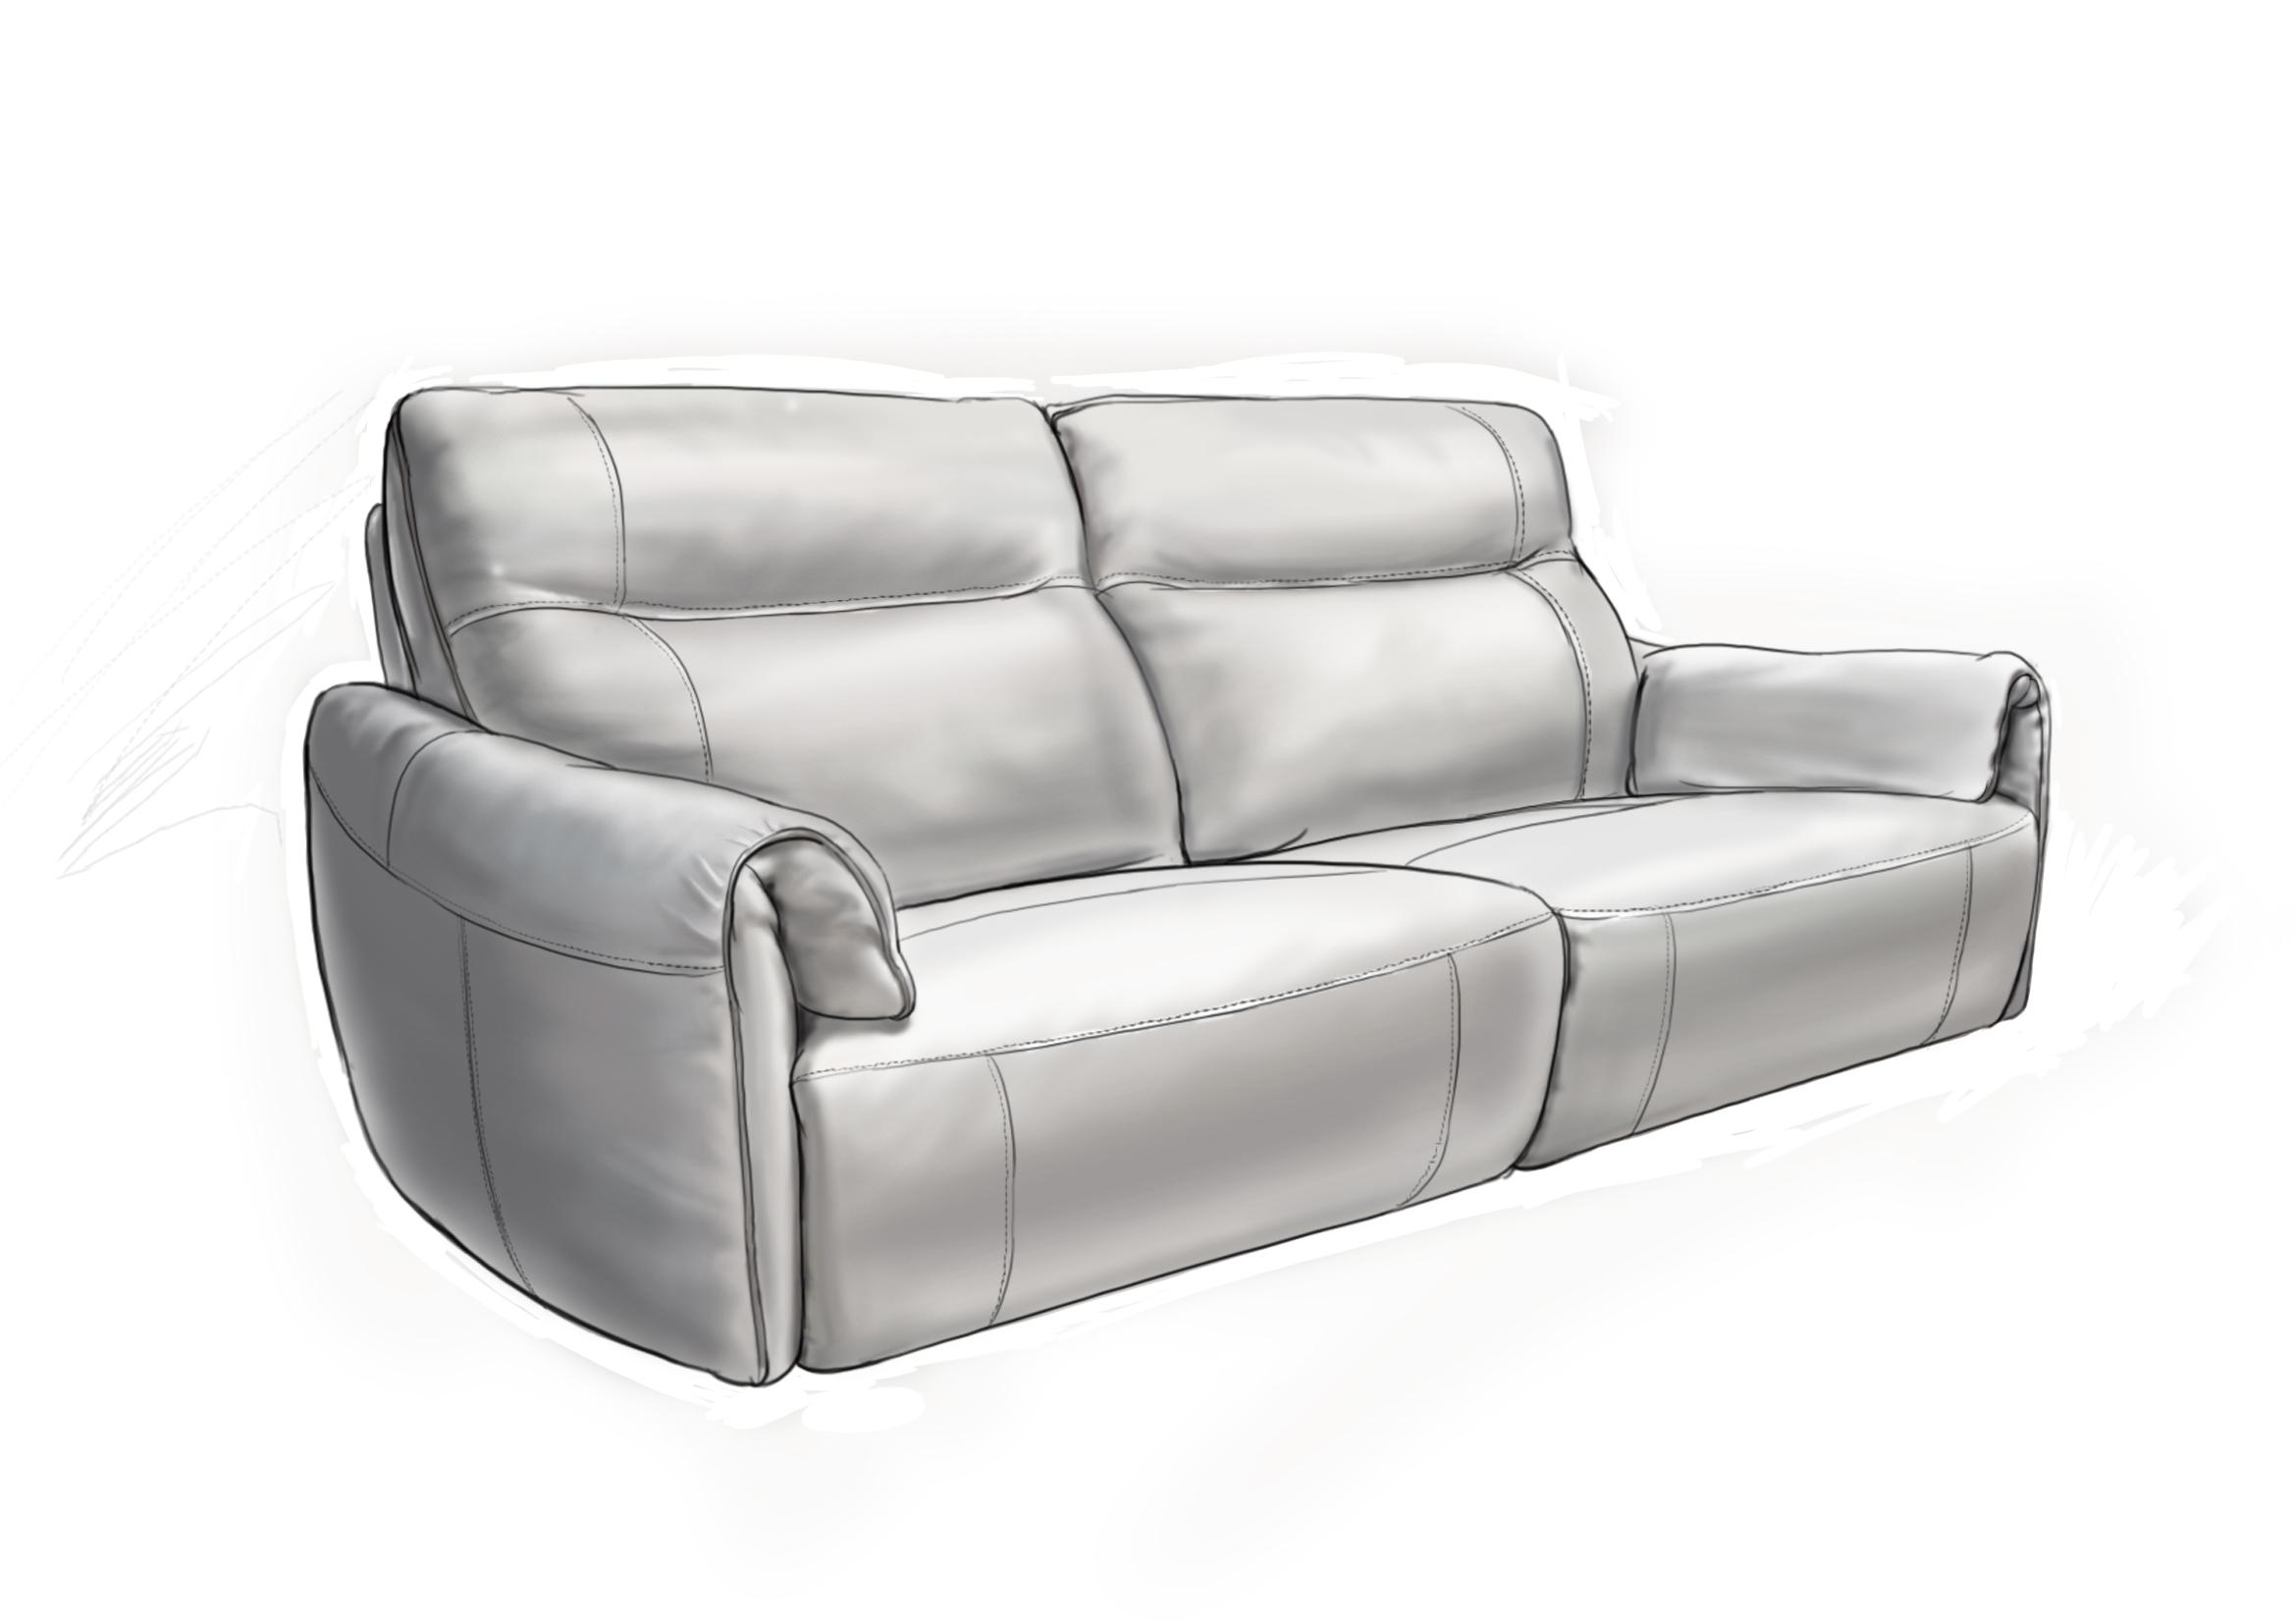 马克笔手绘室内单体 马克笔手绘家具单体 室内家具